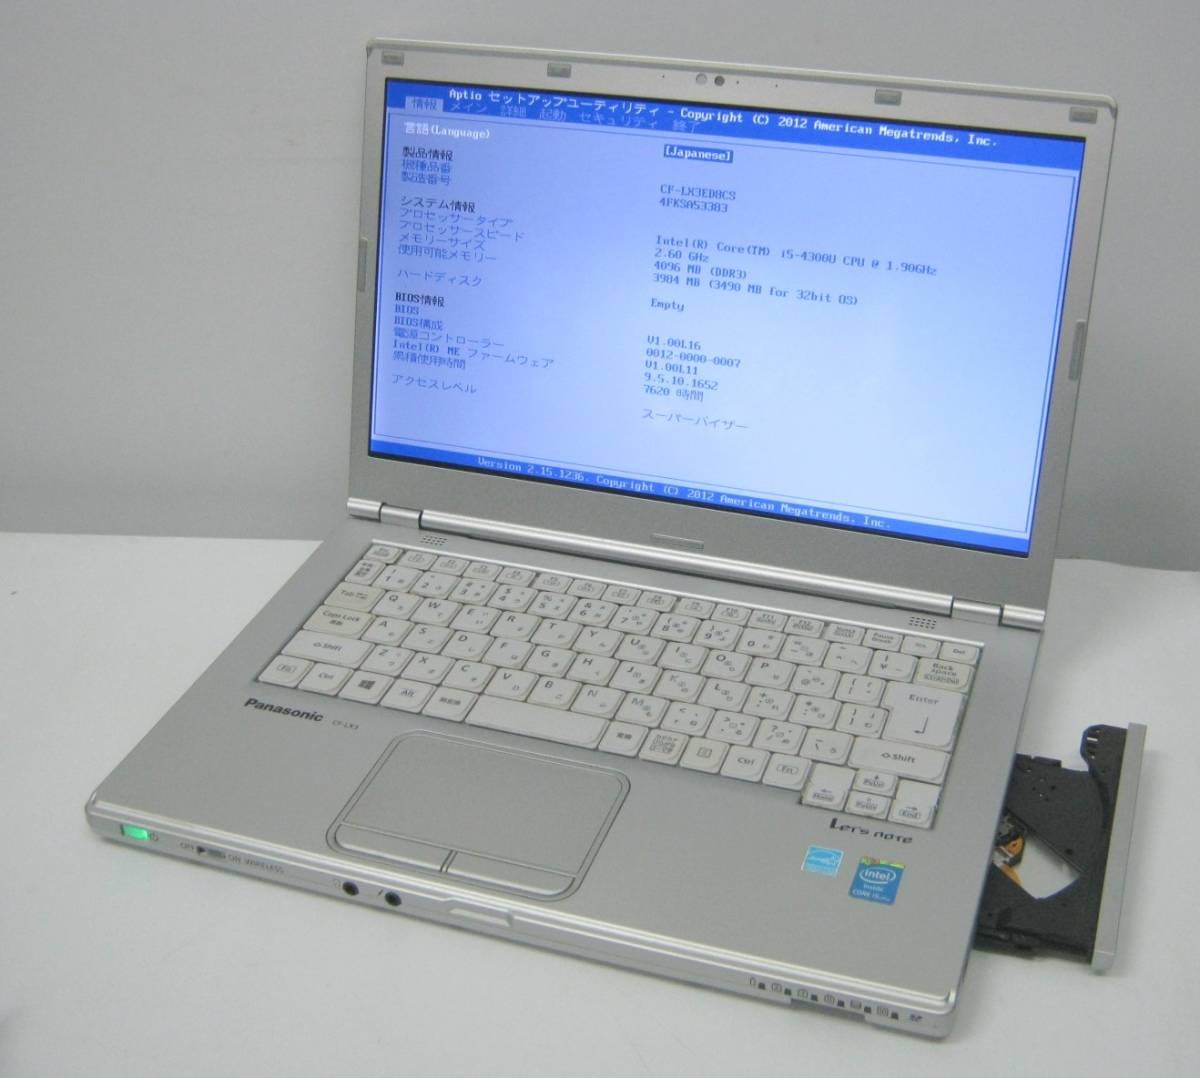 994 ストレージ欠品等ジャンク CF-LX3ED8CS i5-4300U 1.9GHz 4GB 簡易確認 部品取りにも